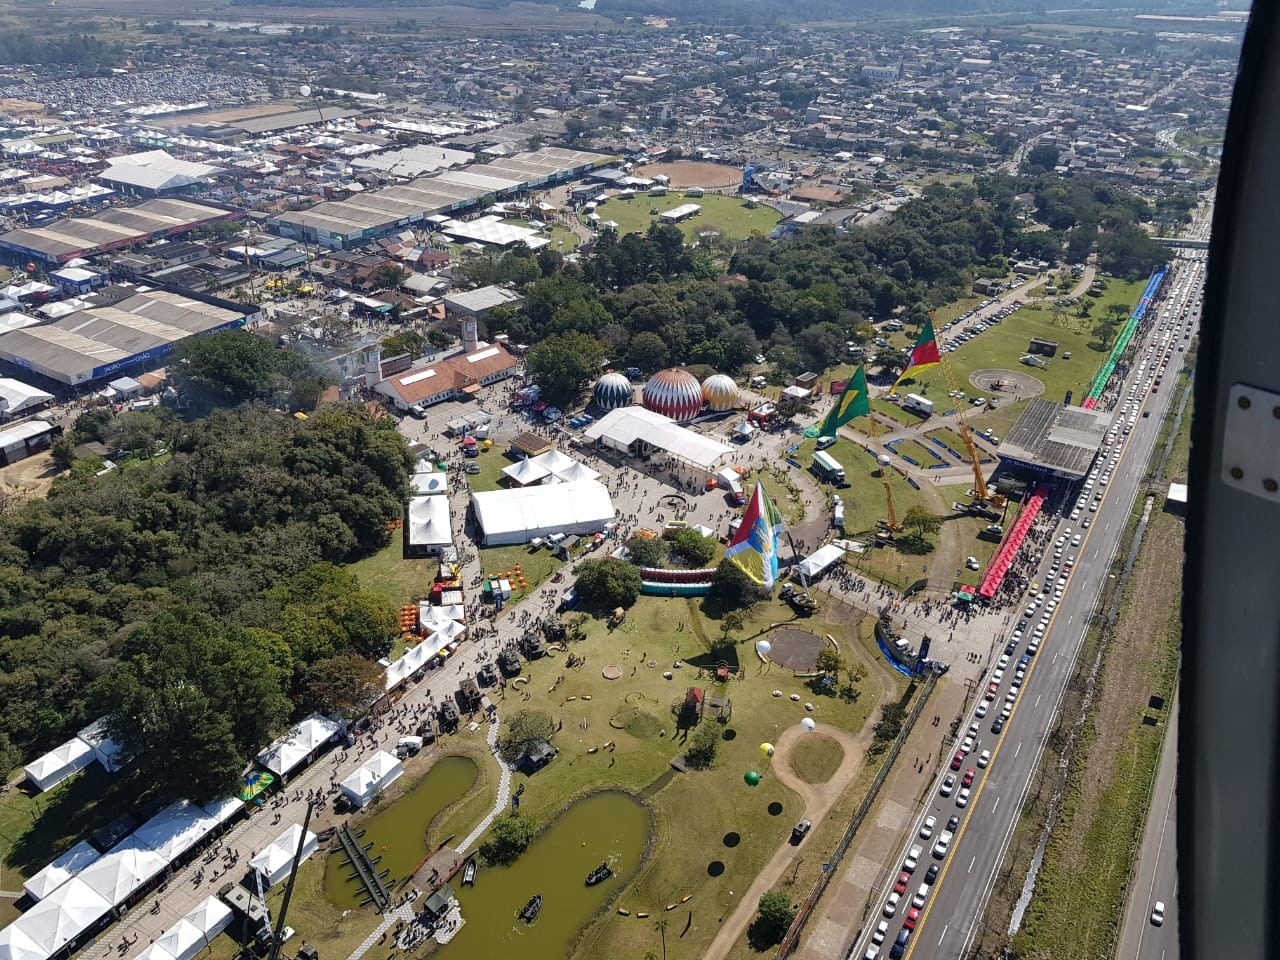 Trânsito é intenso em direção ao parque onde acontece a Expointer, em Esteio - Notícias - Plantão Diário